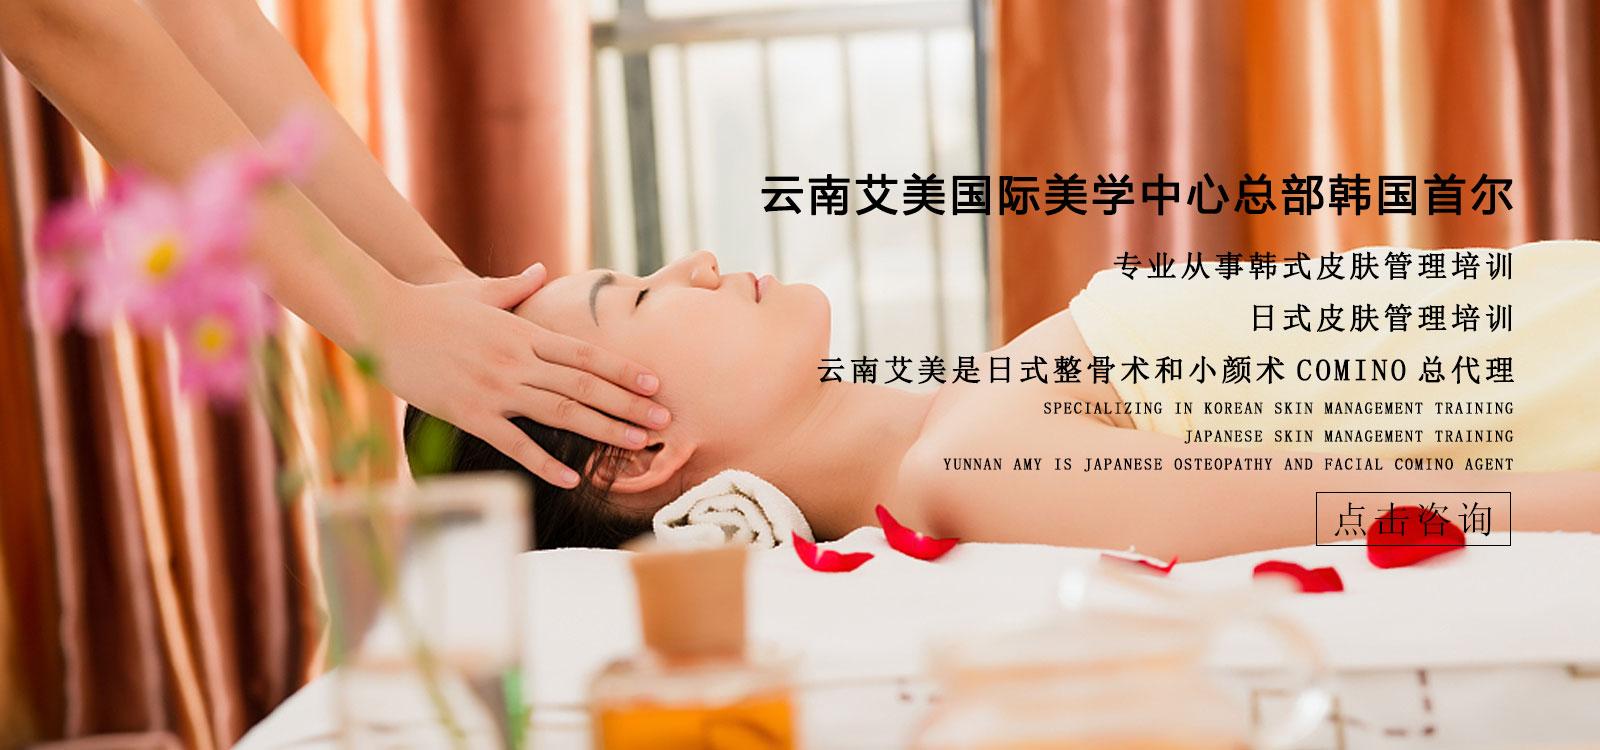 云南皮肤管理